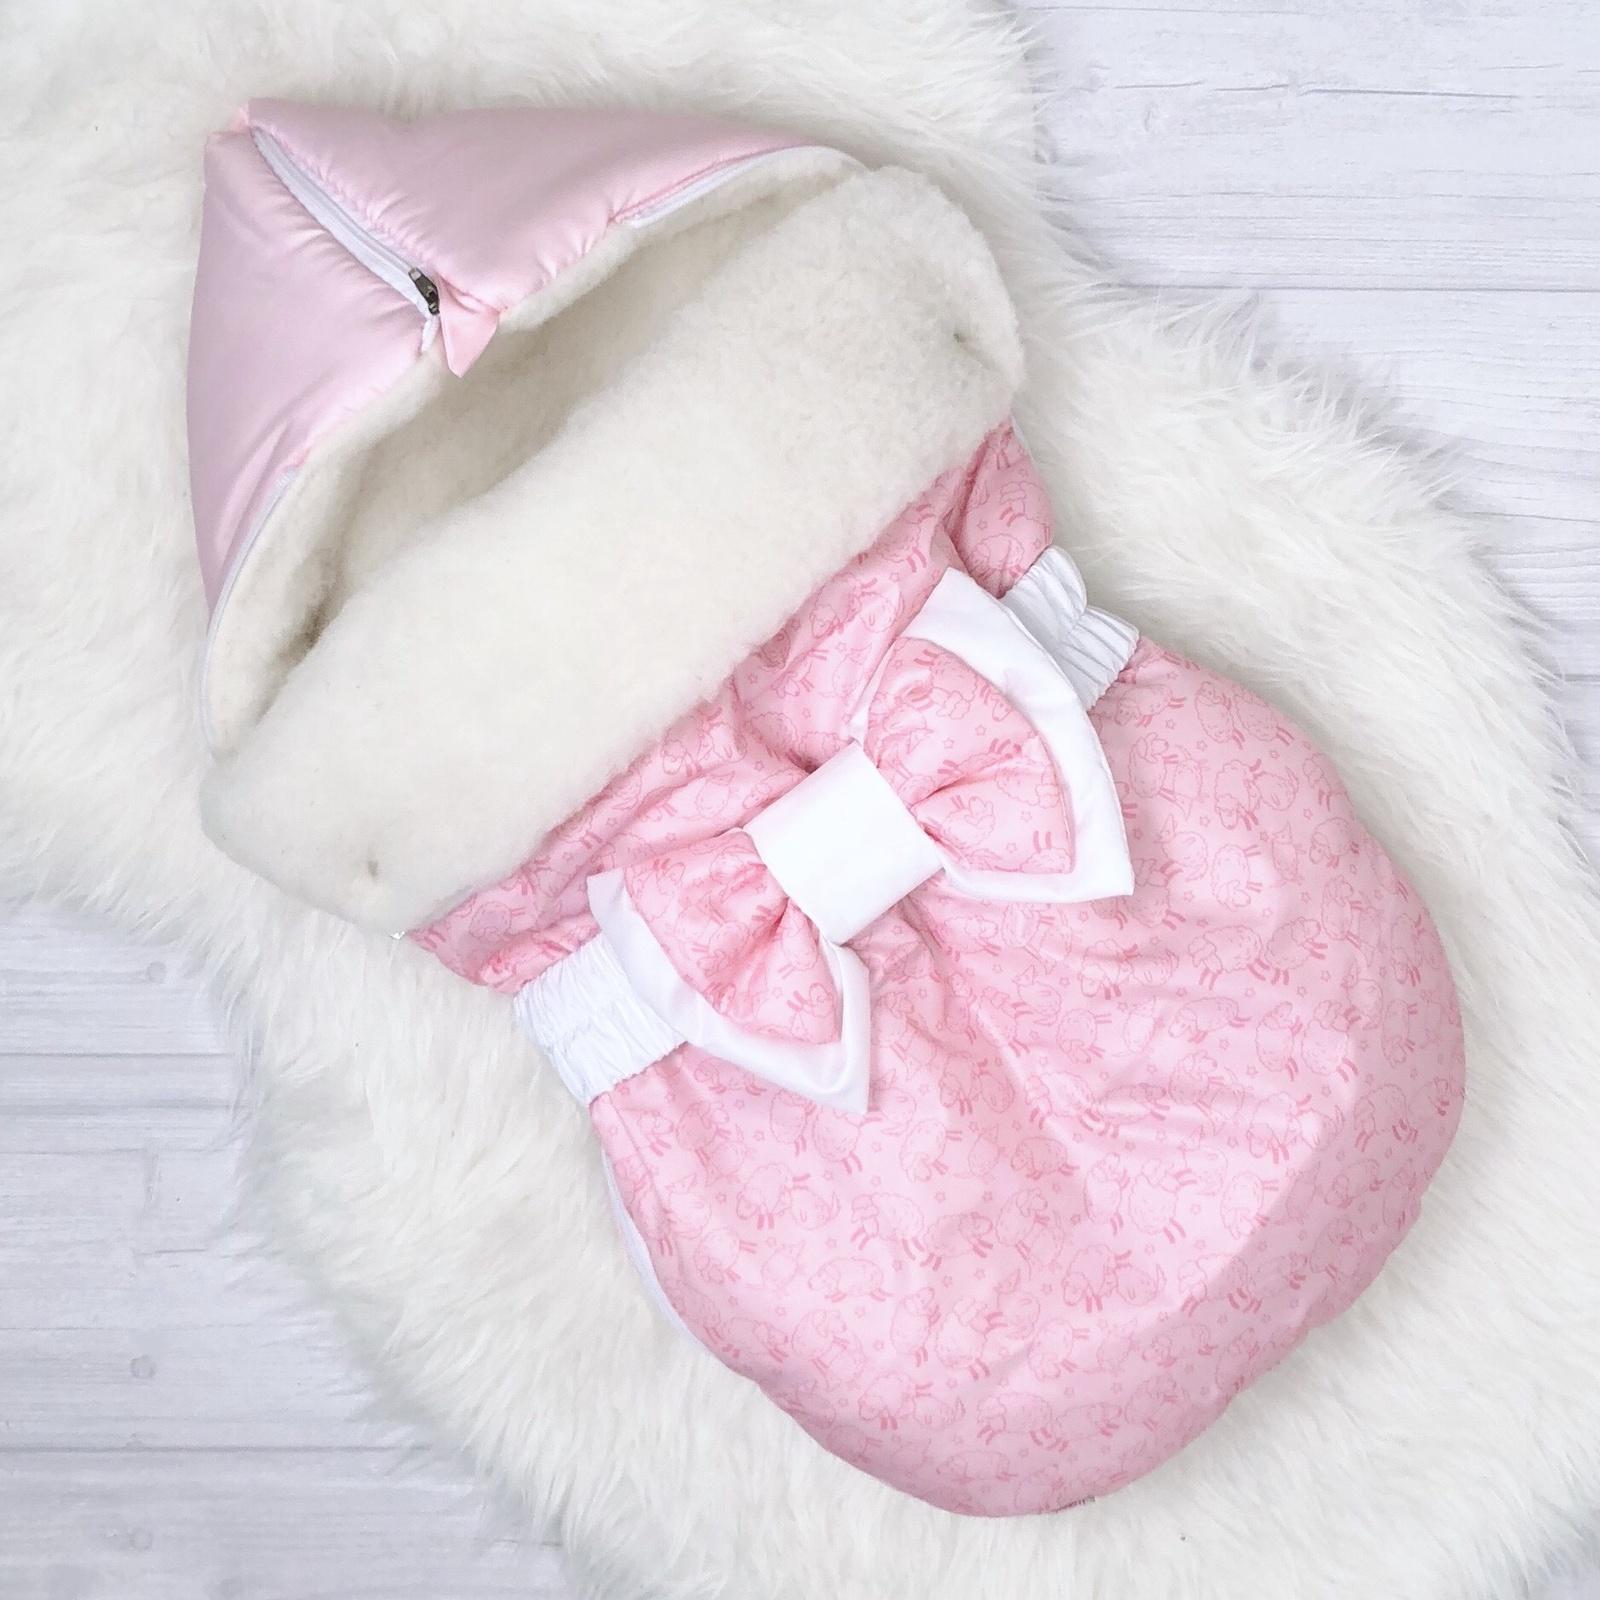 Конверт для новорожденного Супермамкет конверт на выписку супермамкет justcute самолеты зима флис бант